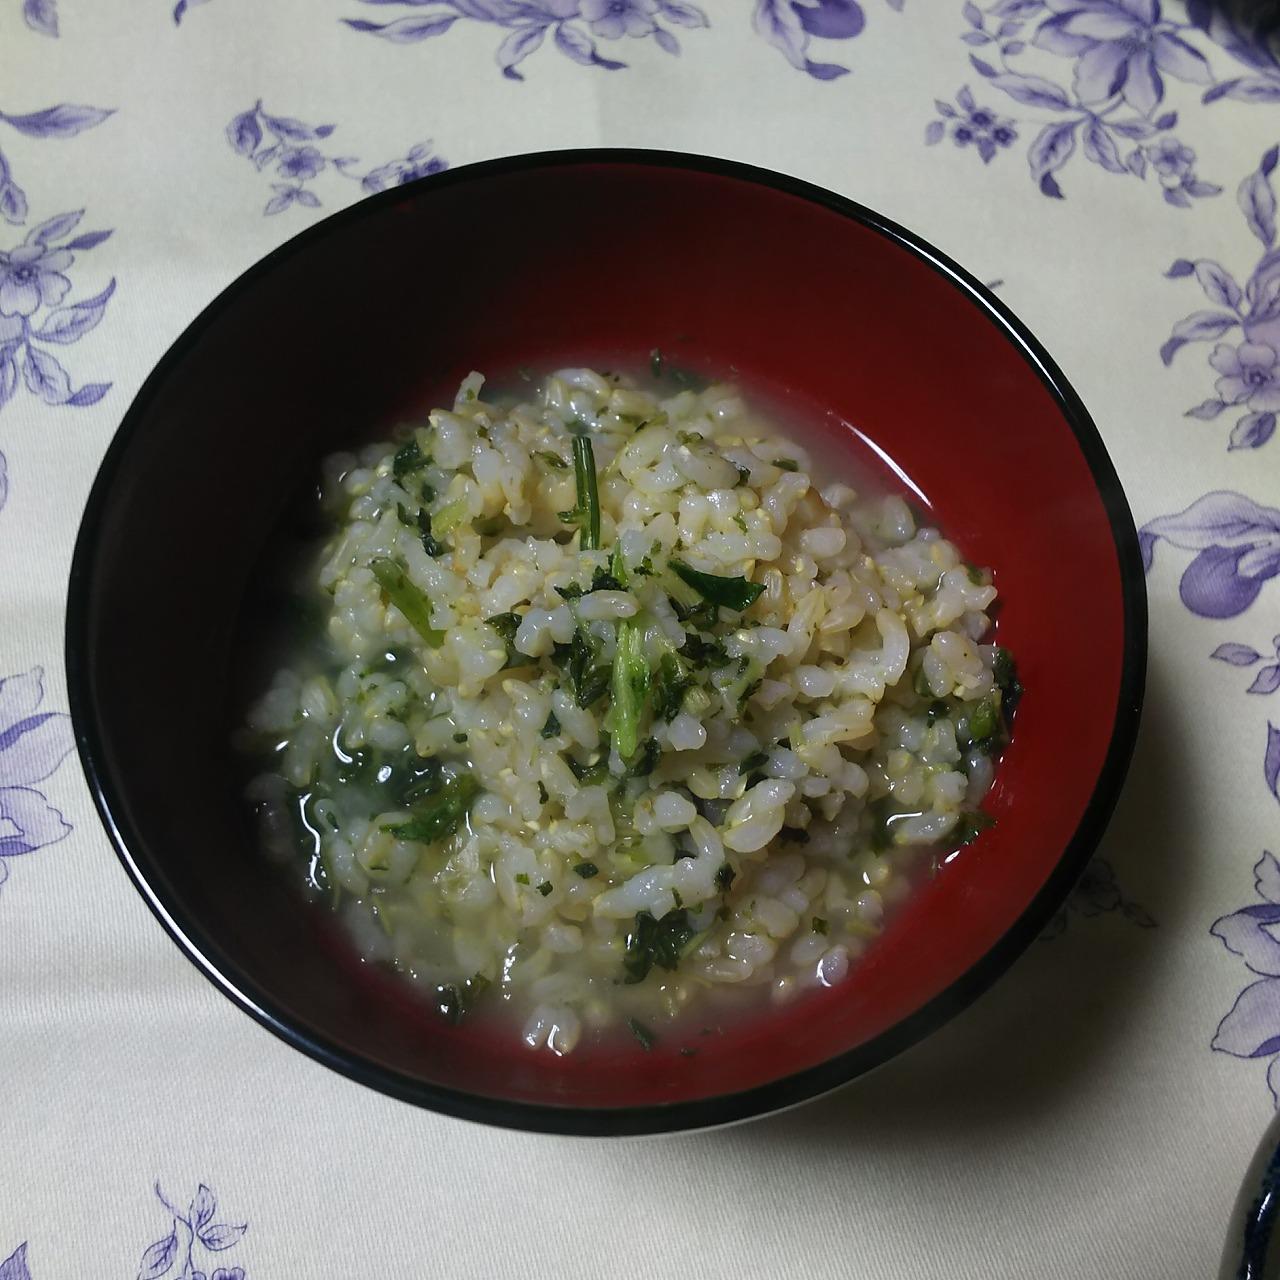 Oixisのおせちに含まれていた七草粥